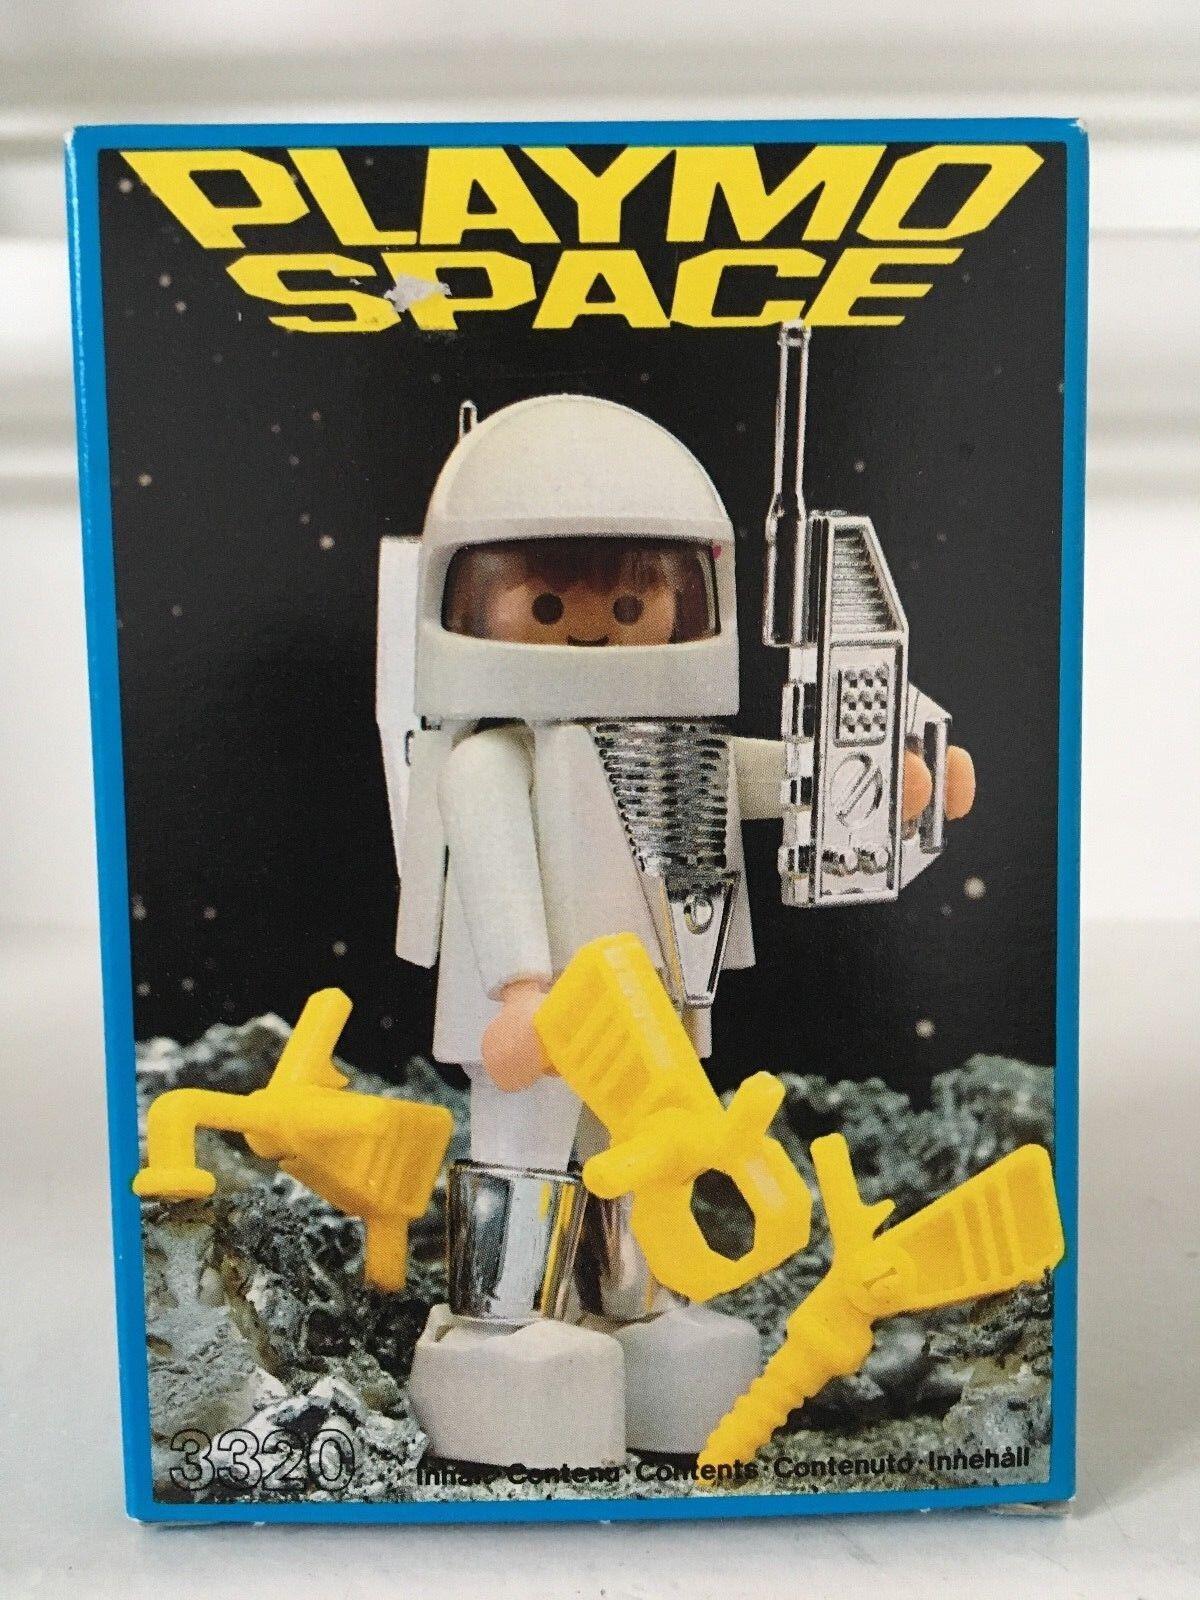 PLAYMOBIL PLAYMO SPACE ASTRONAUT 3320 NIB 1984